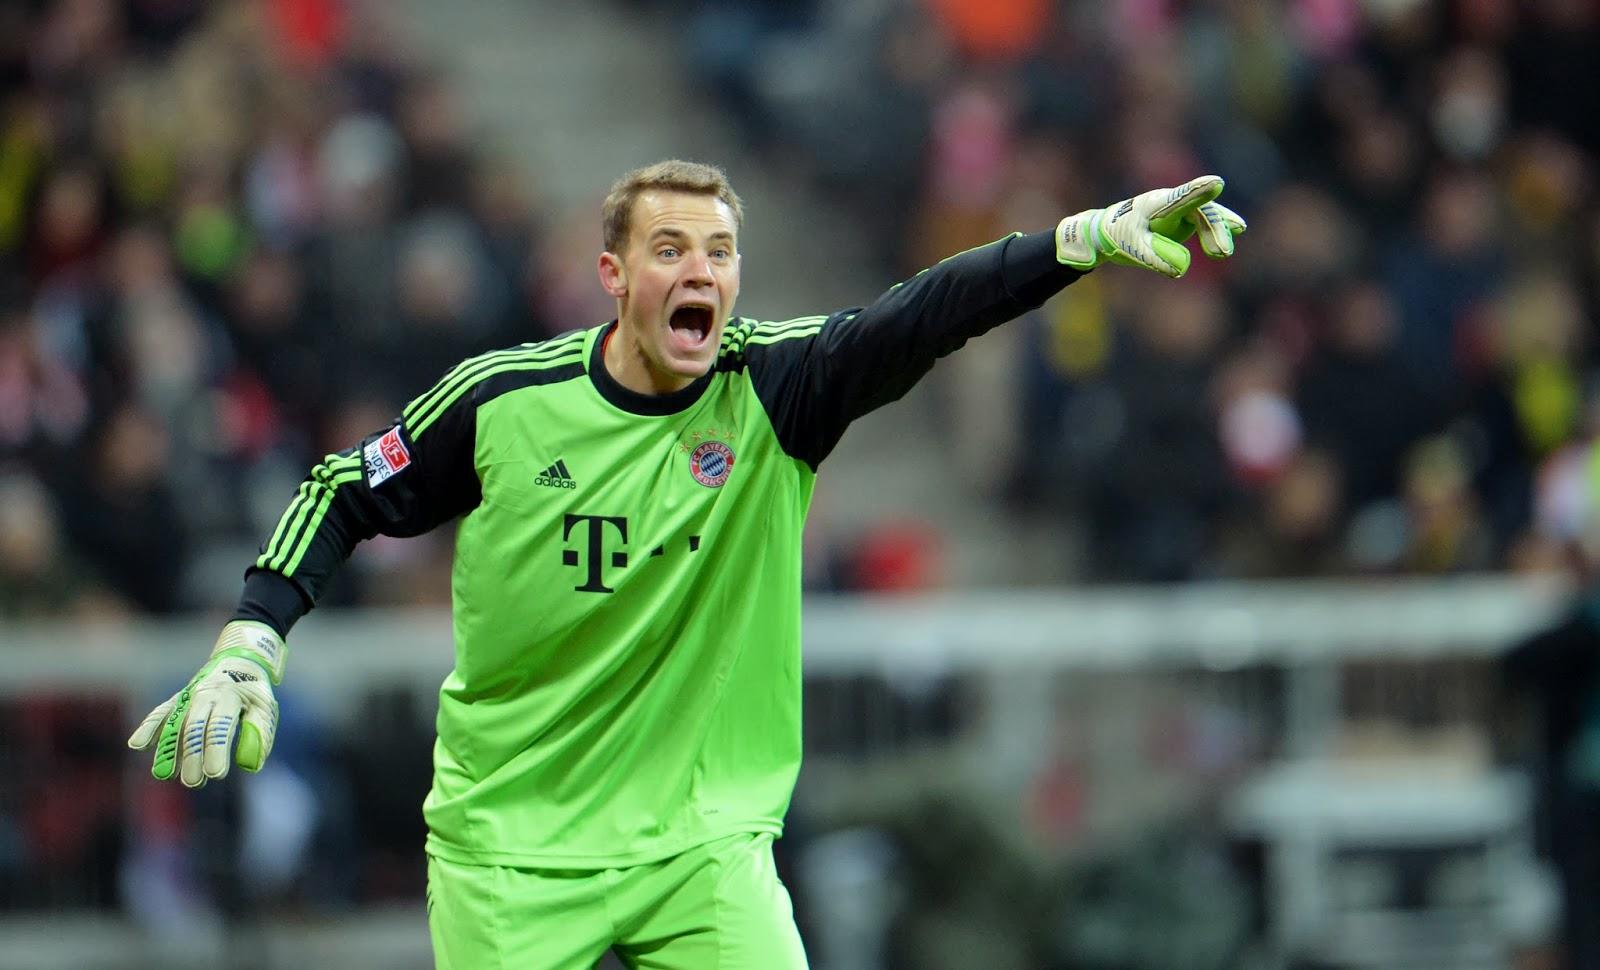 Manuel Neuer o 3° melhor goleiro do pro evolution soccer 2013.